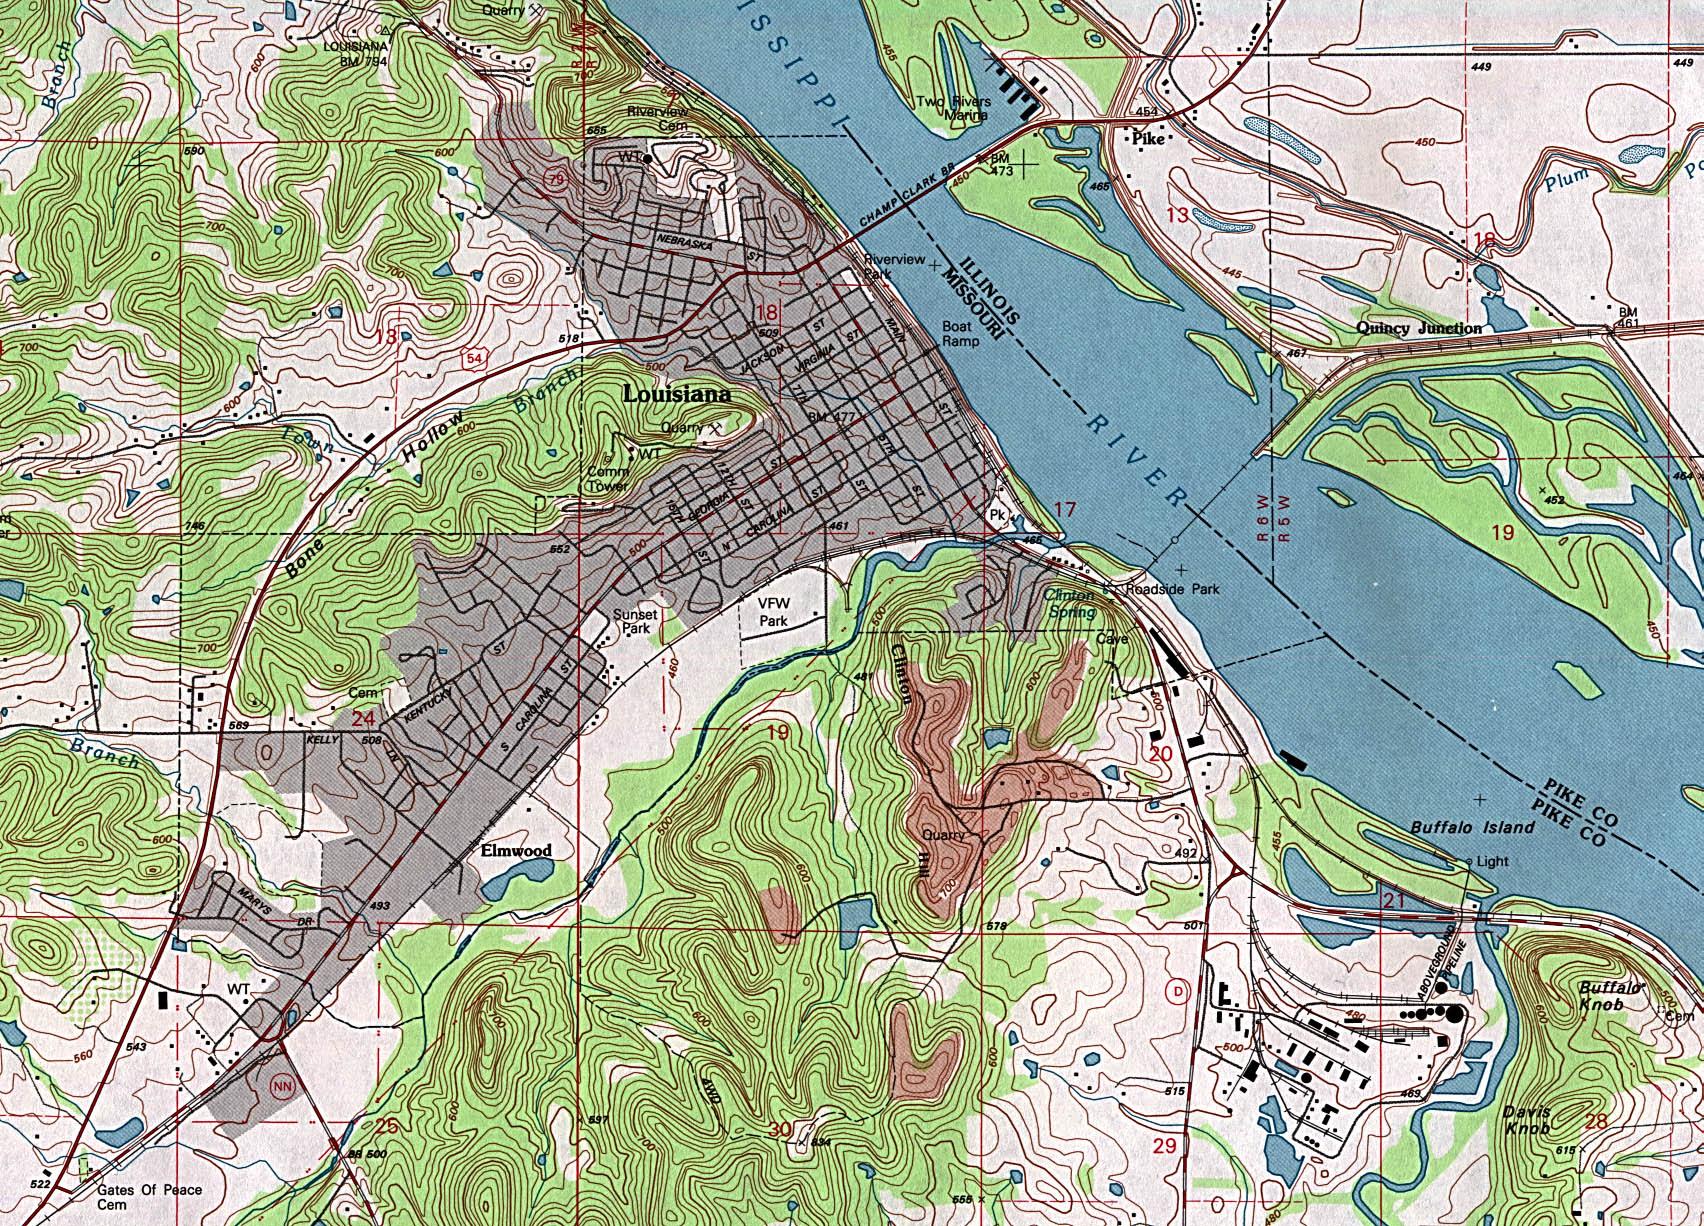 Elevation Map of Louisiana Louisiana Topographic Map